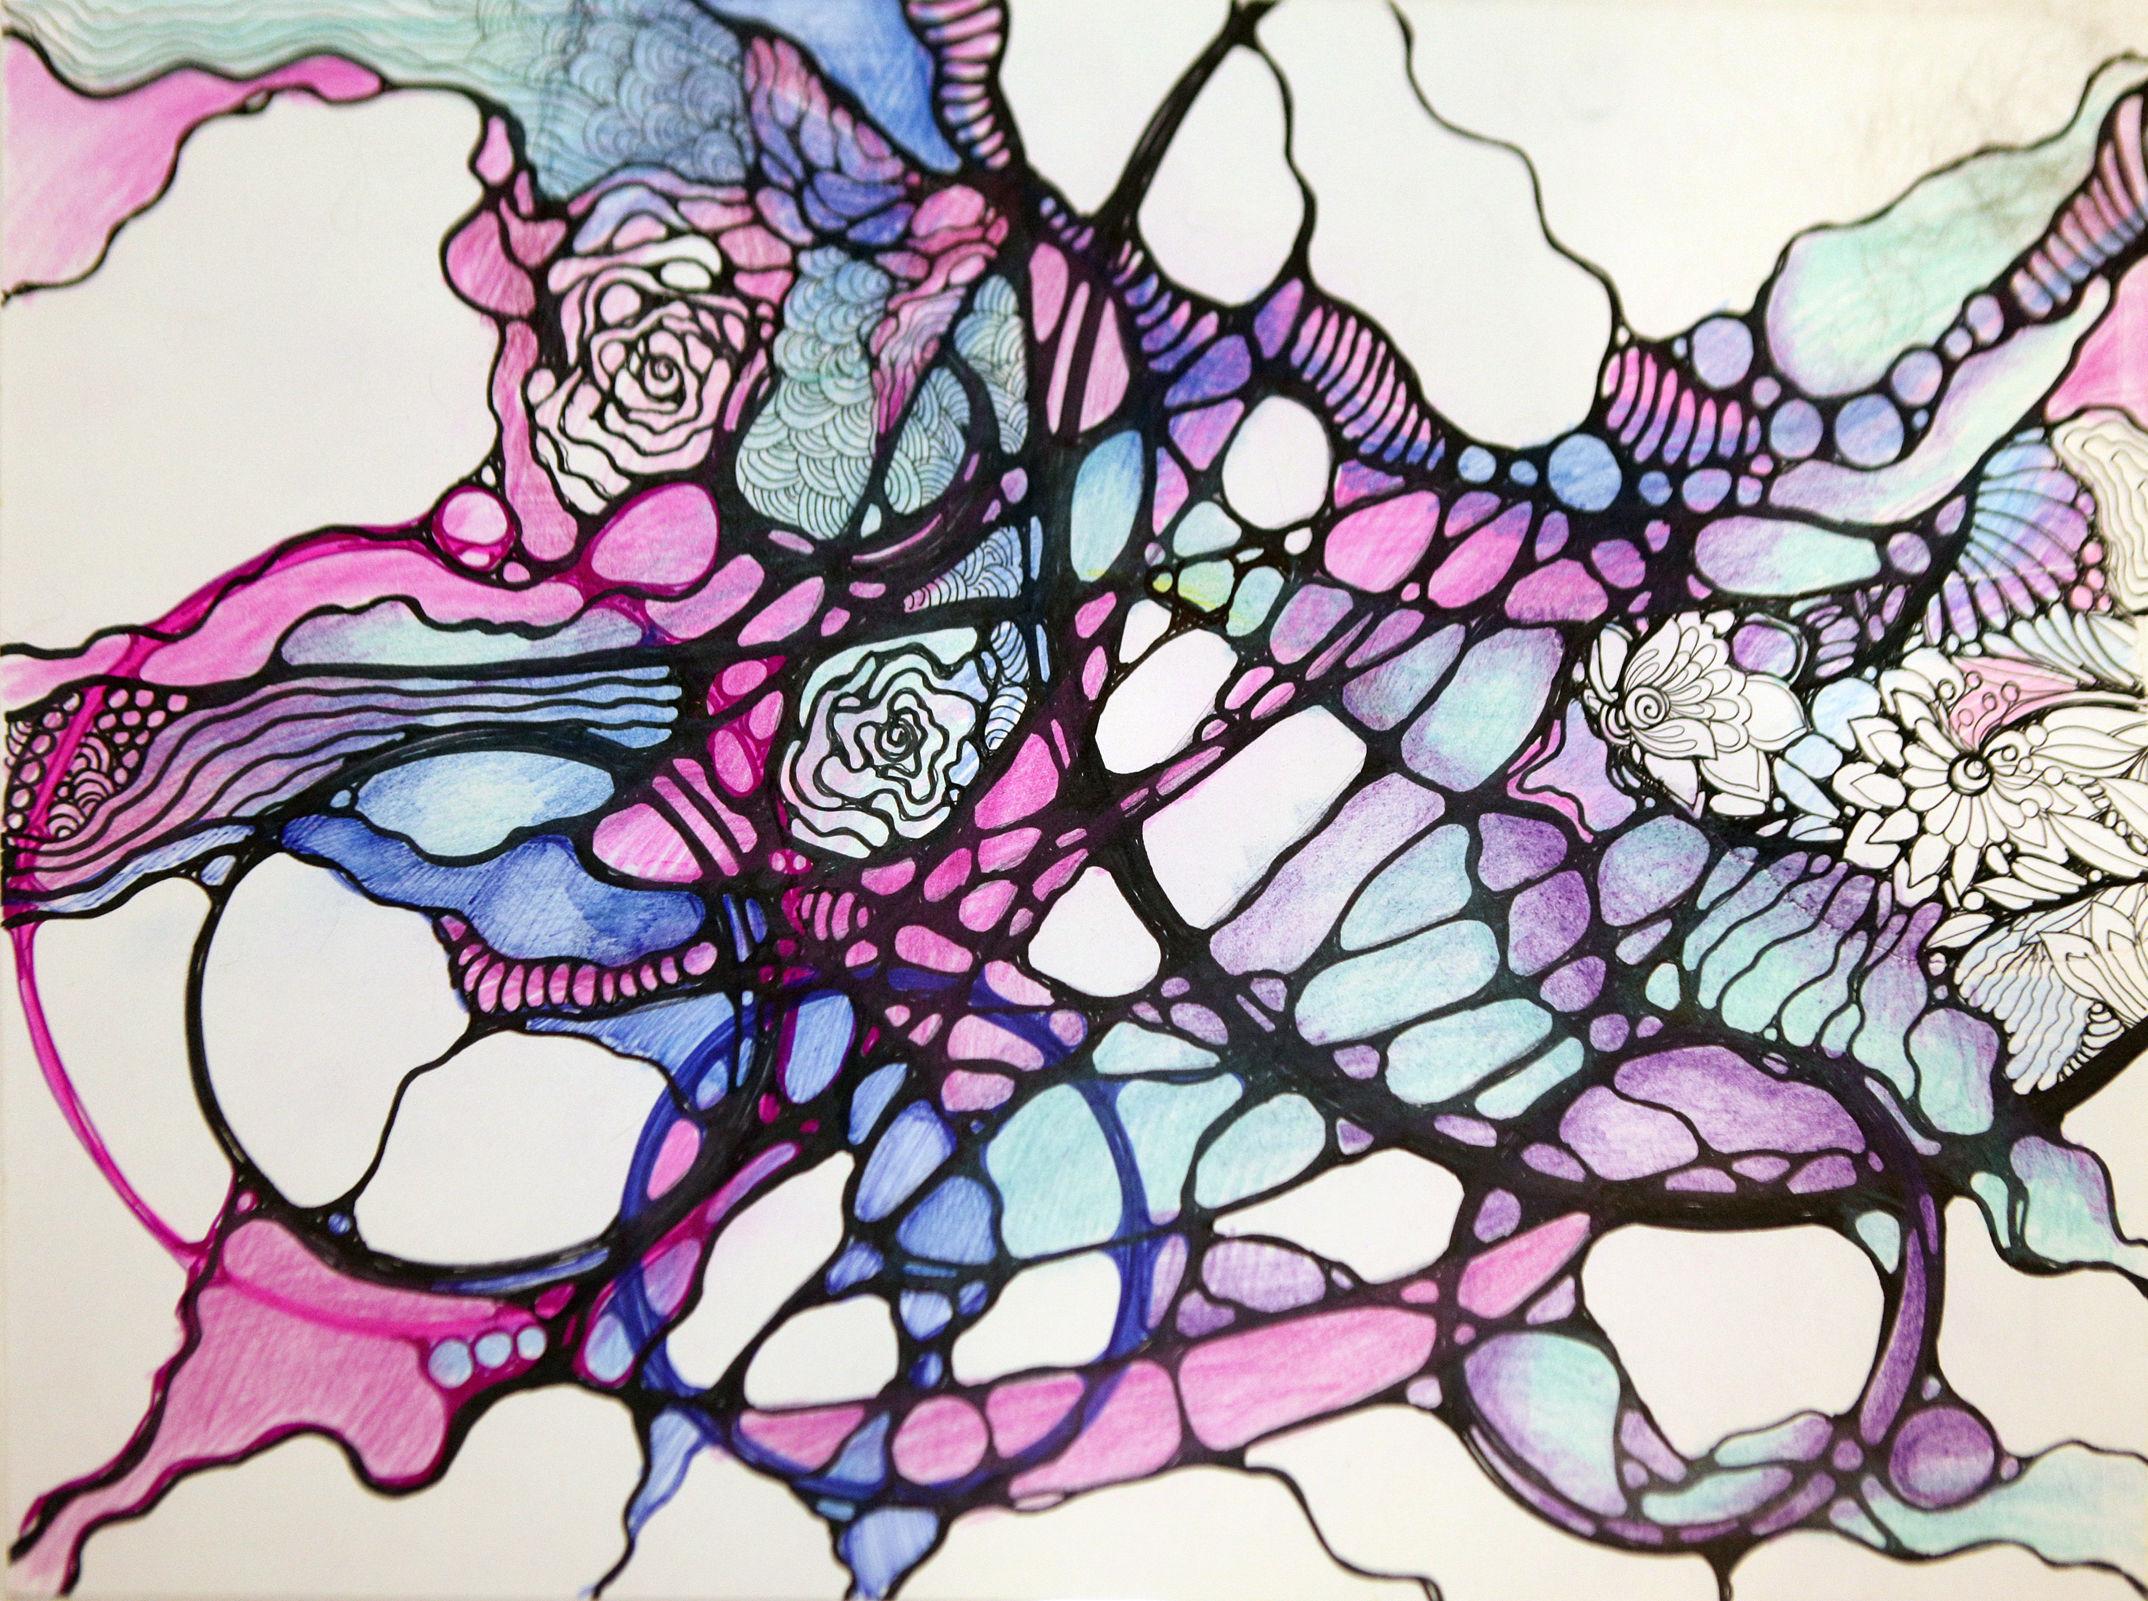 Две истории одной художницы. Ярославна создает шедевры из натуральных камней